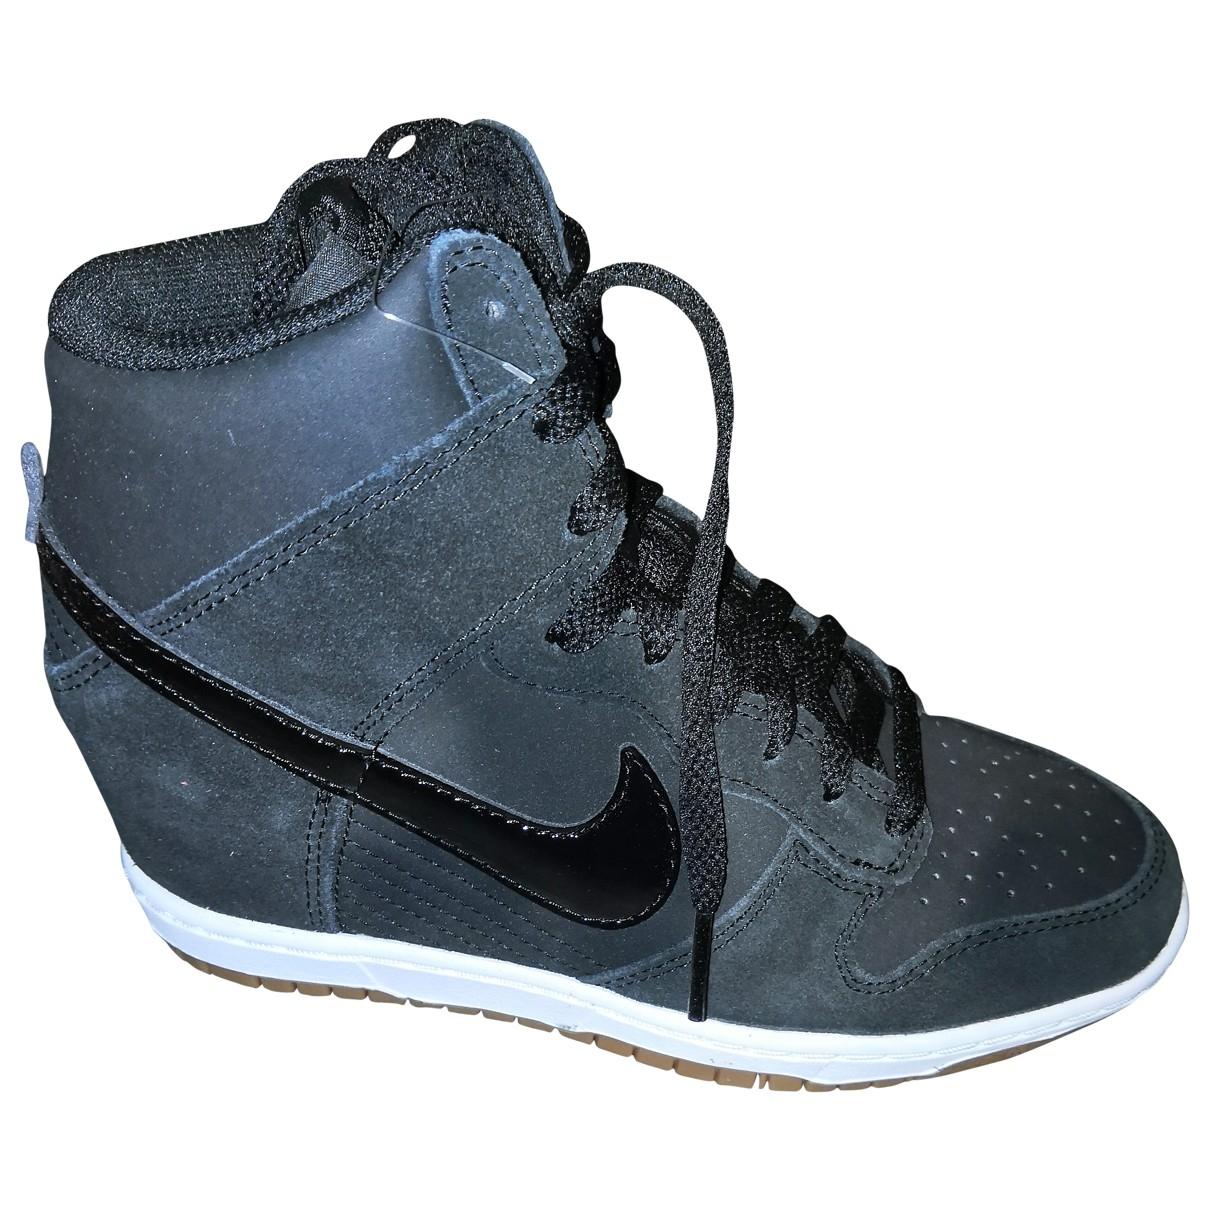 Nike - Baskets Dunk Sky pour femme en suede - noir